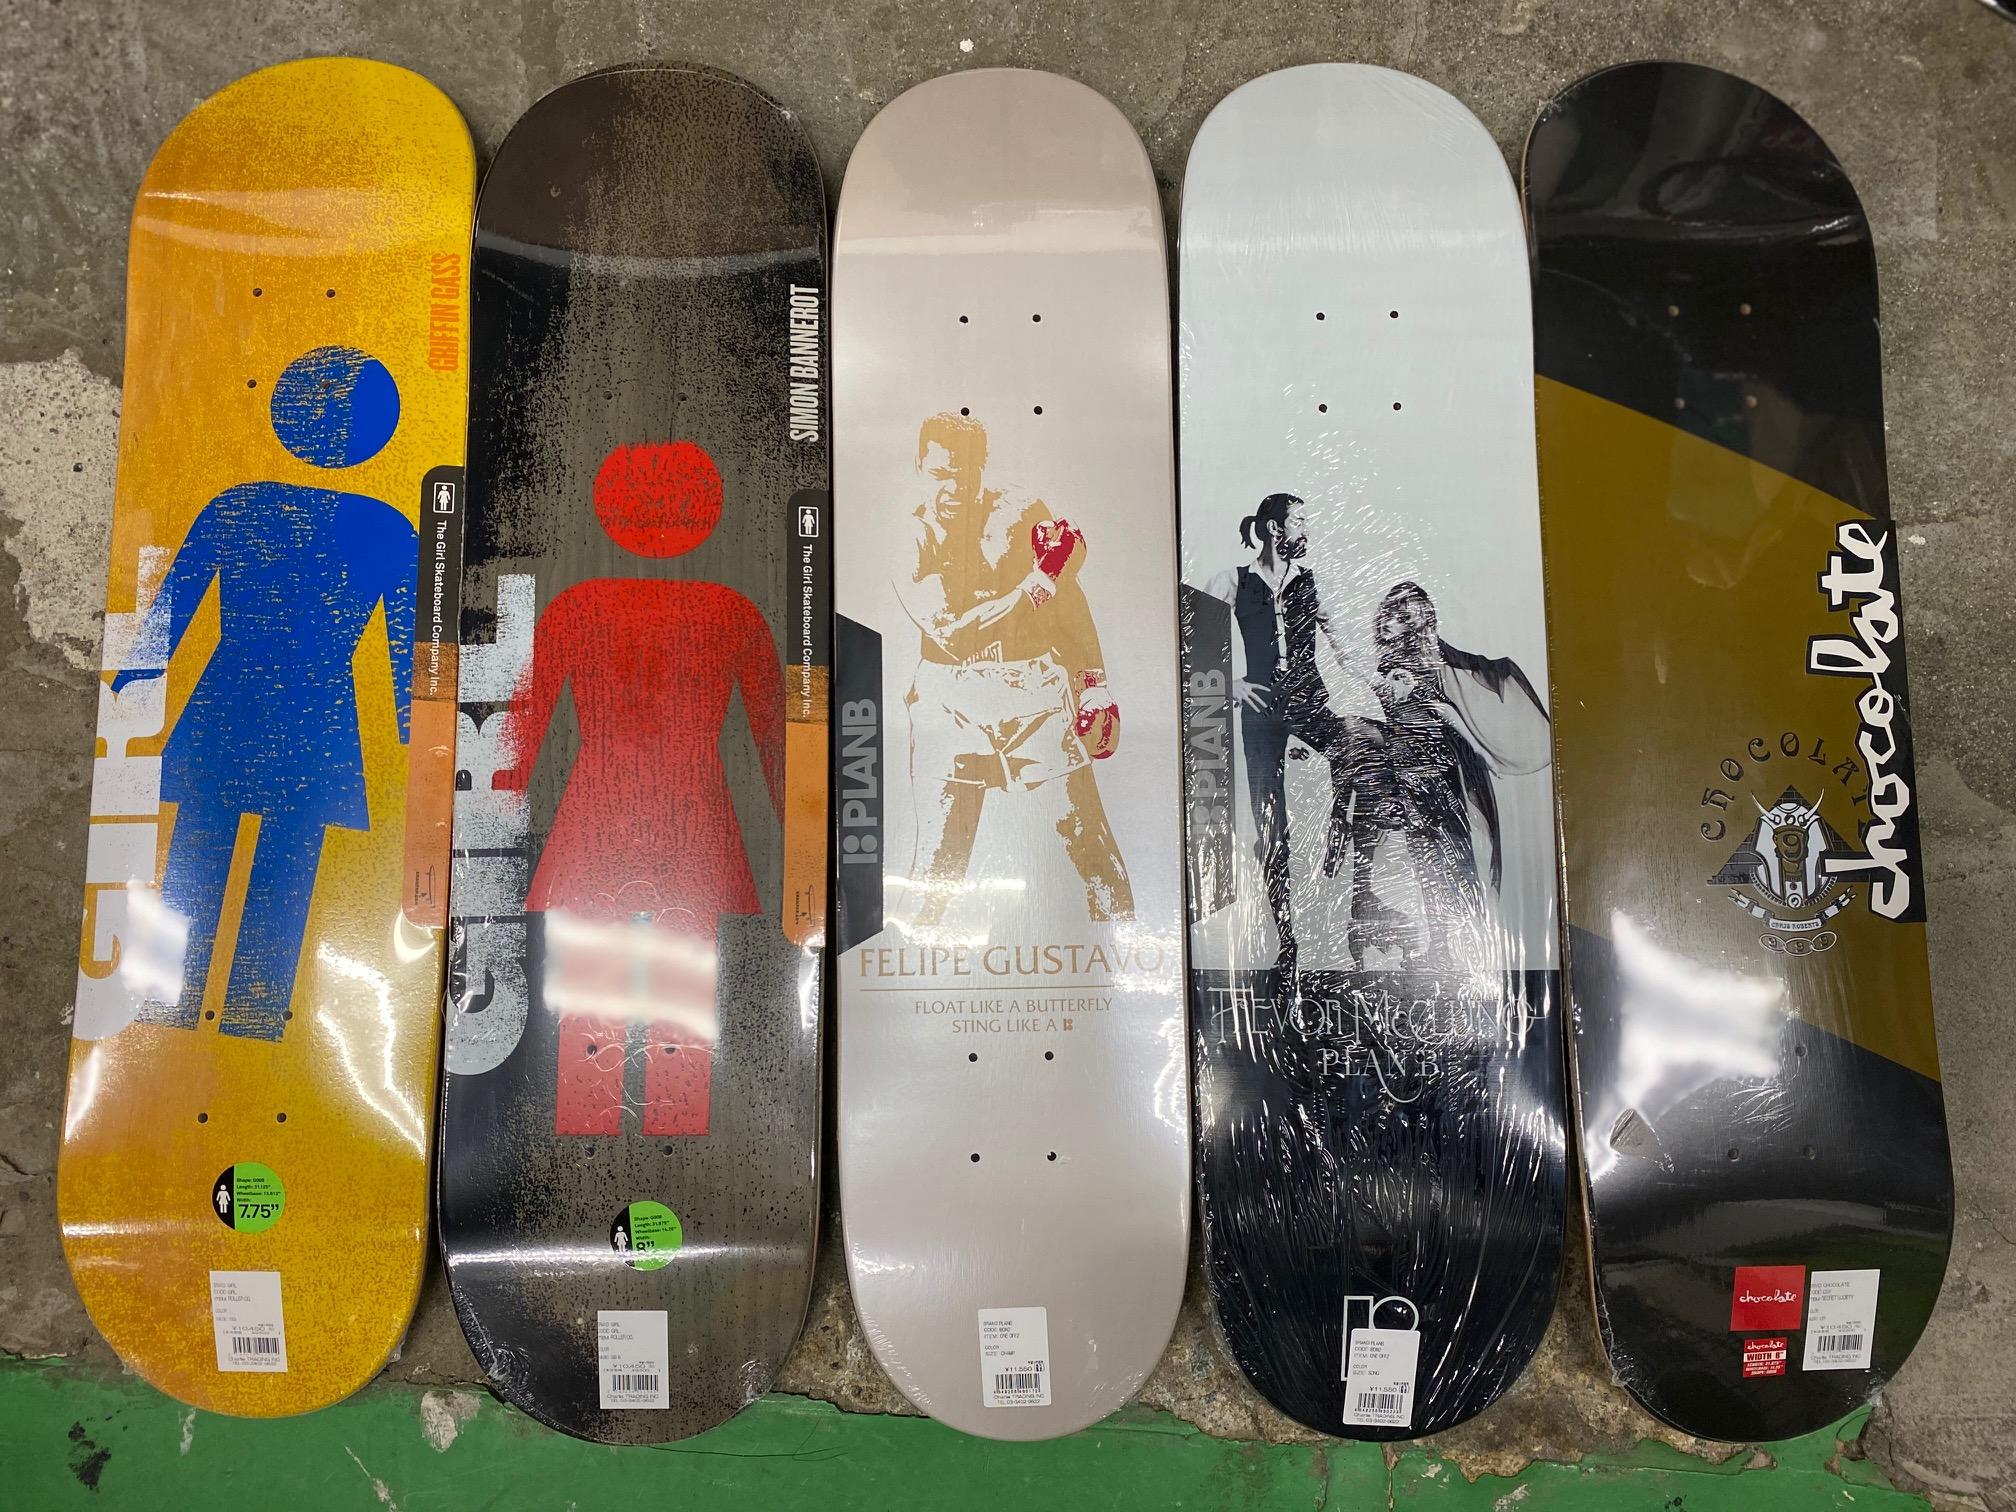 スケートアイテム PlanB、CHOCOLATE、GIRL、THUNDER、SPITFIRE、The Bearing入荷しました!!